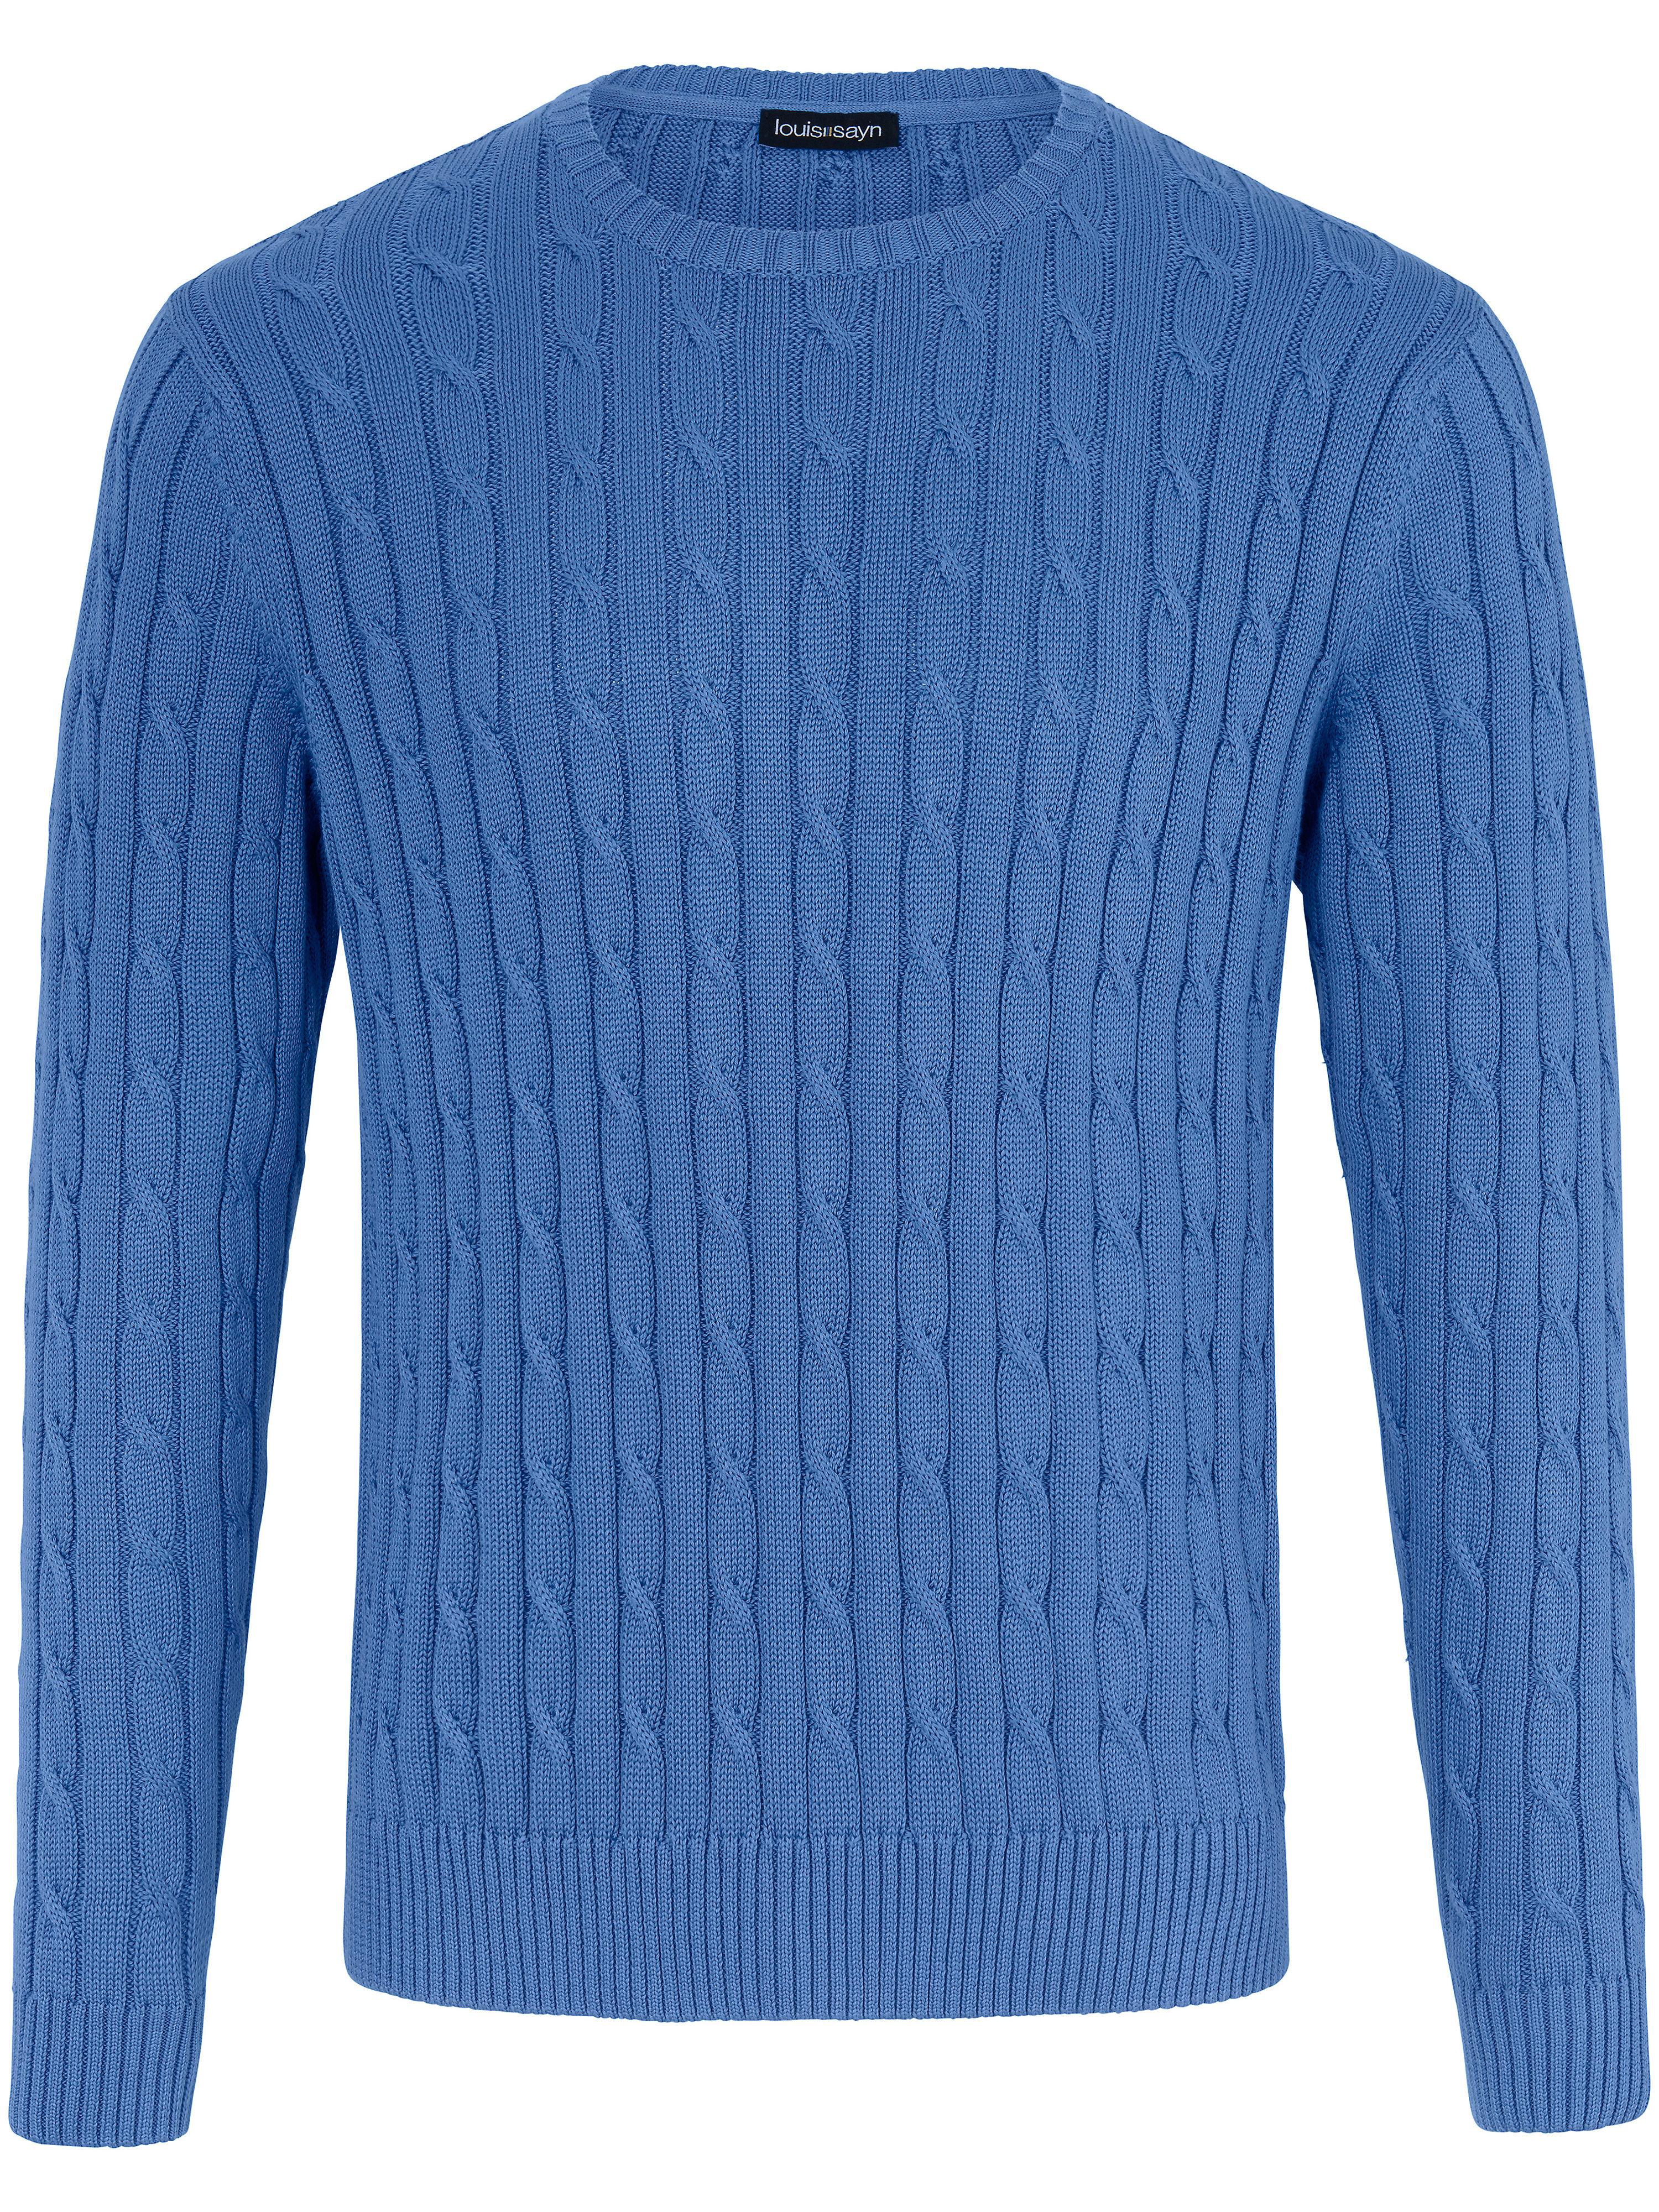 Le pull 100% coton Pima  Louis Sayn bleu taille 52